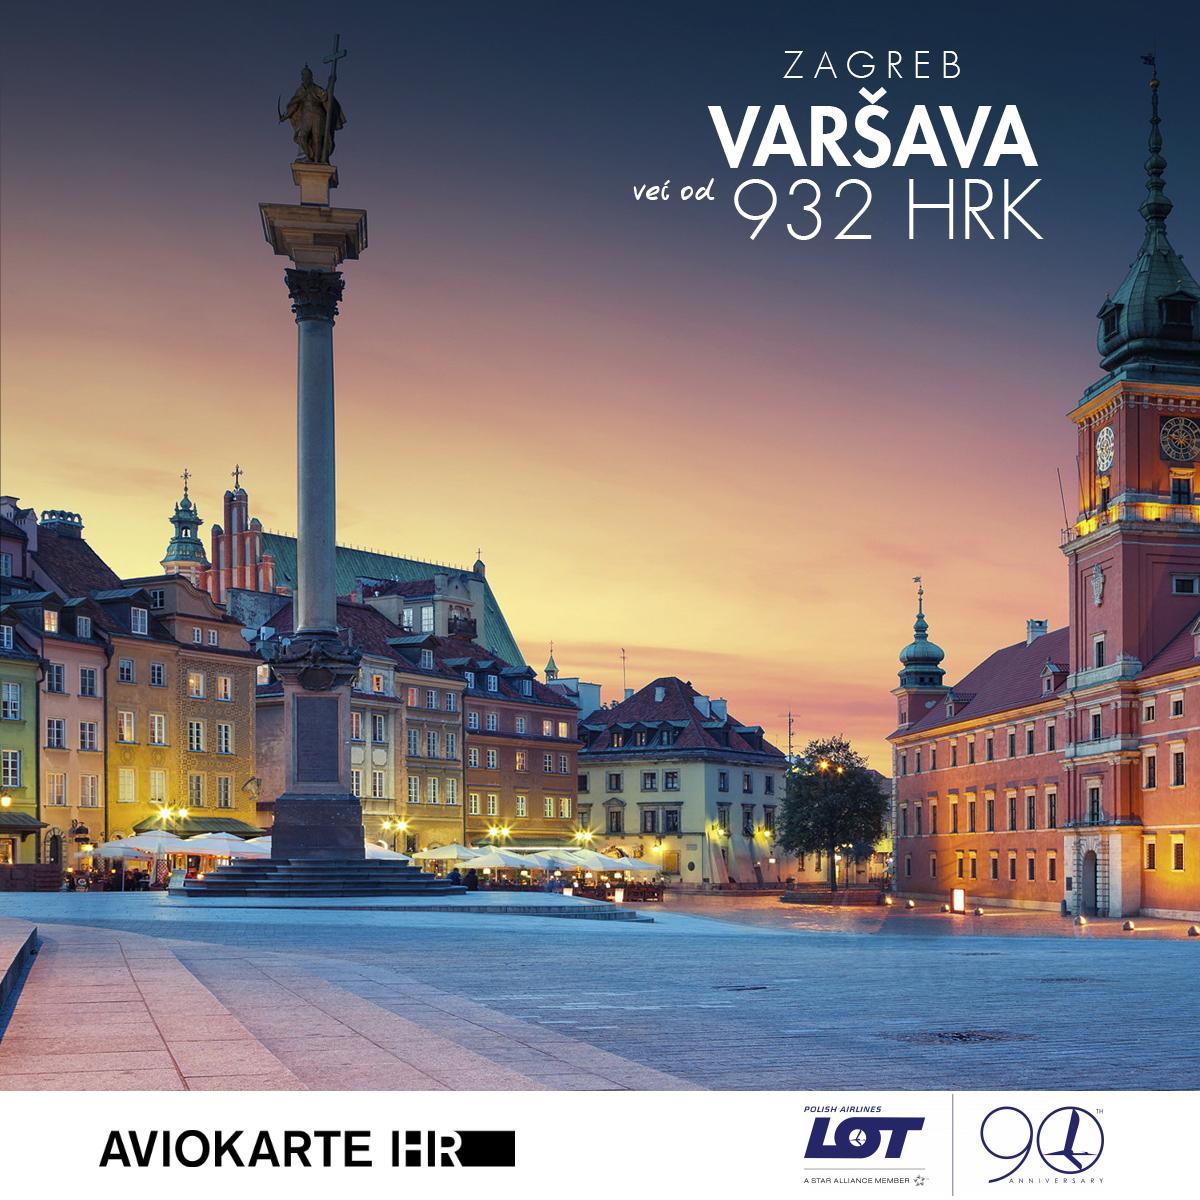 Varšava vizual, Varšava već od 1400 kuna, Varšava jeftine avio karte, putovanje za Varšava